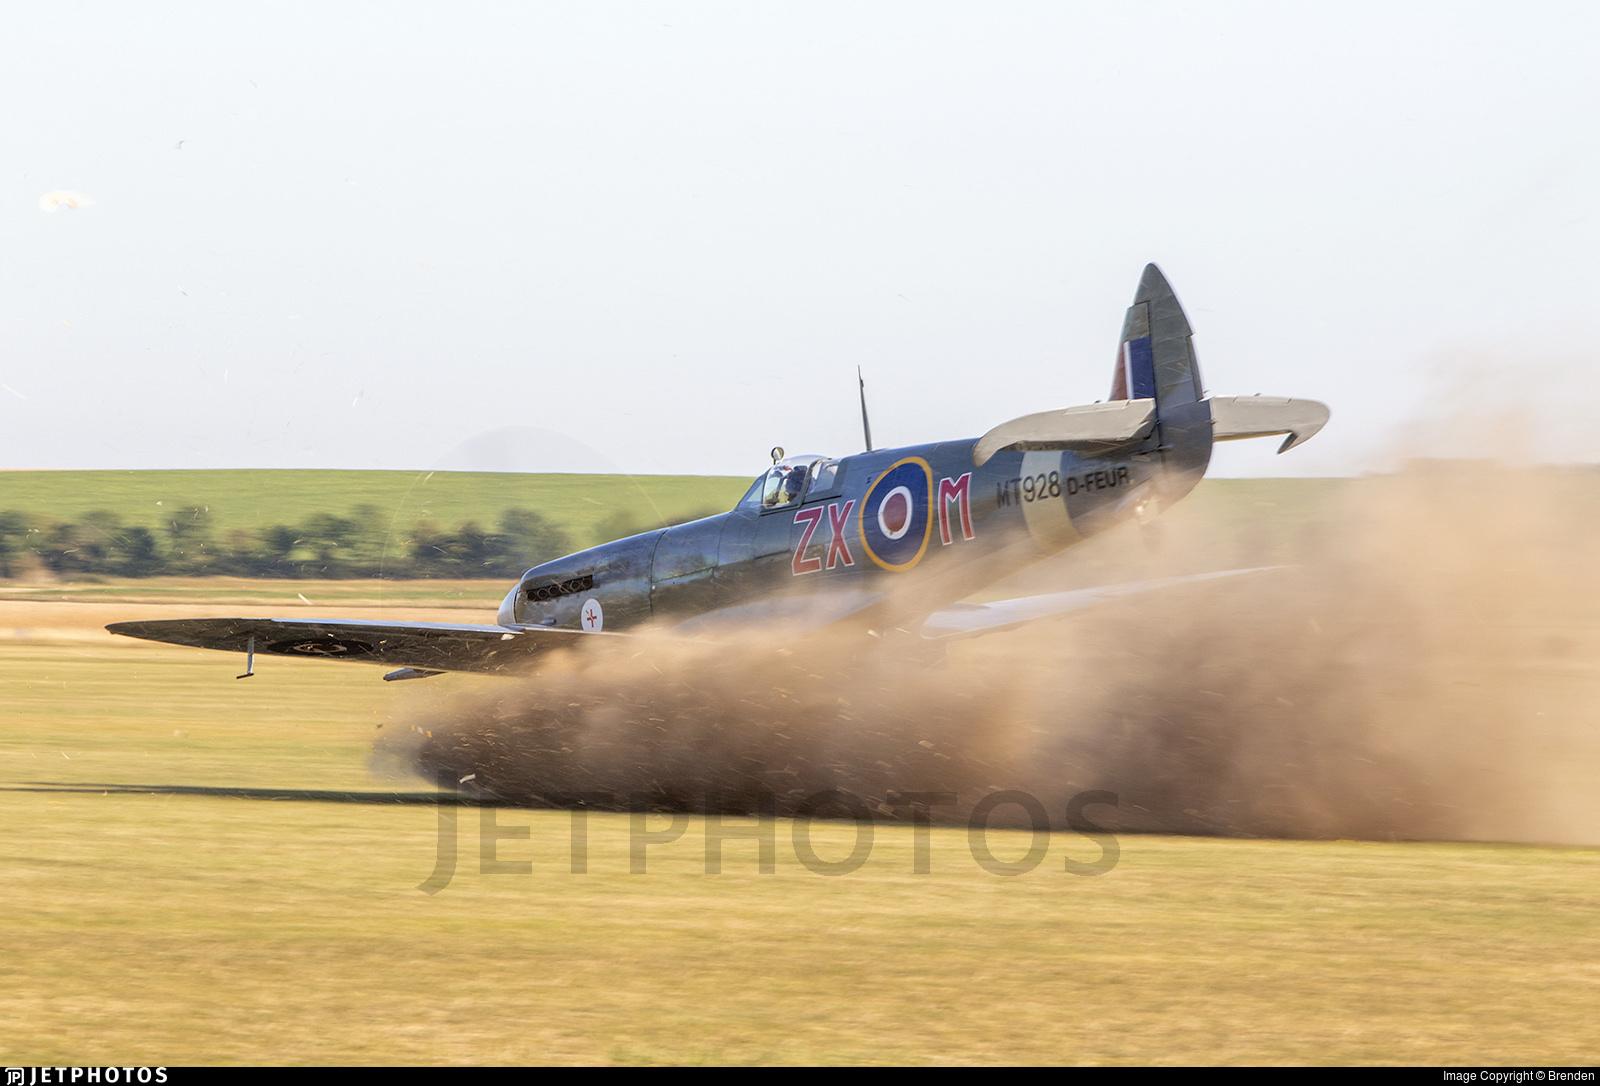 Spitfire prop strike at Duxford